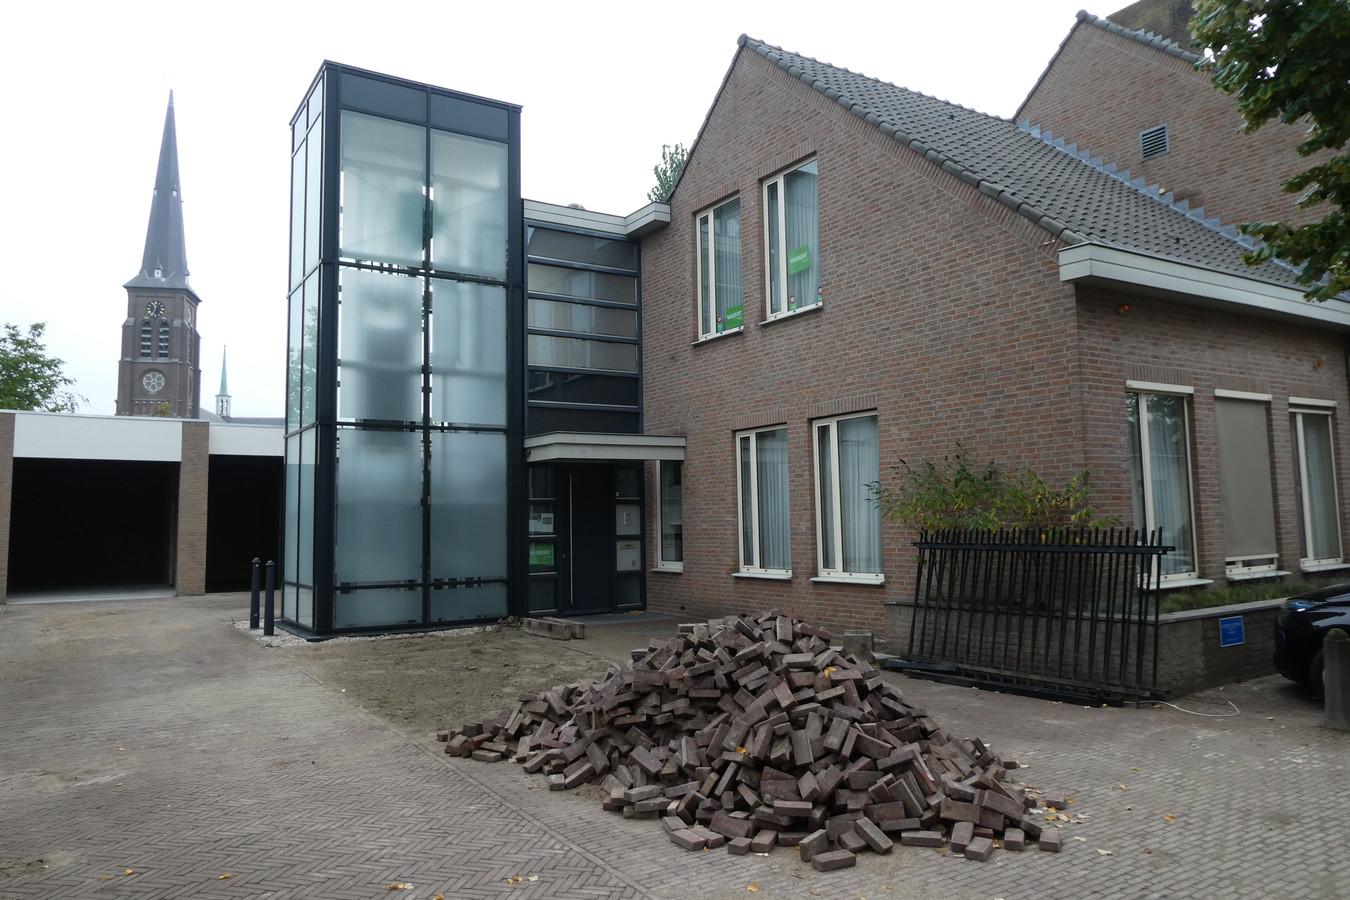 Het medisch centrum in Liempde biedt straks aan veel meer functies onderdak voor eerstelijns zorg en welzijn.